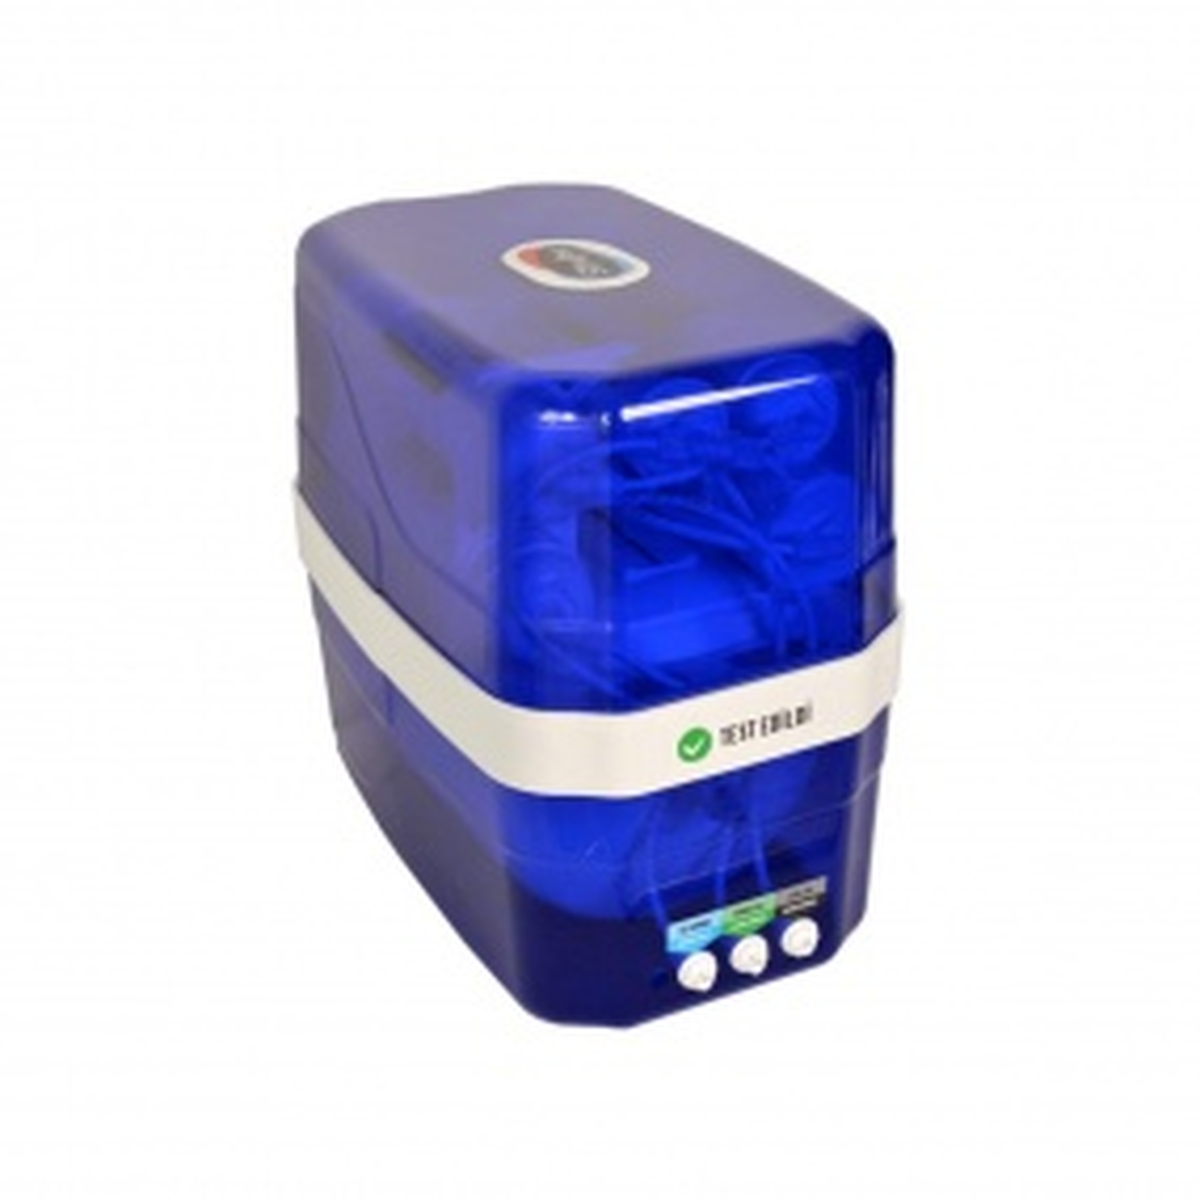 AquaTürk Stratos Premium Pompalı Su arıtma Cihazı(3-05-STR-IN P)Mavi